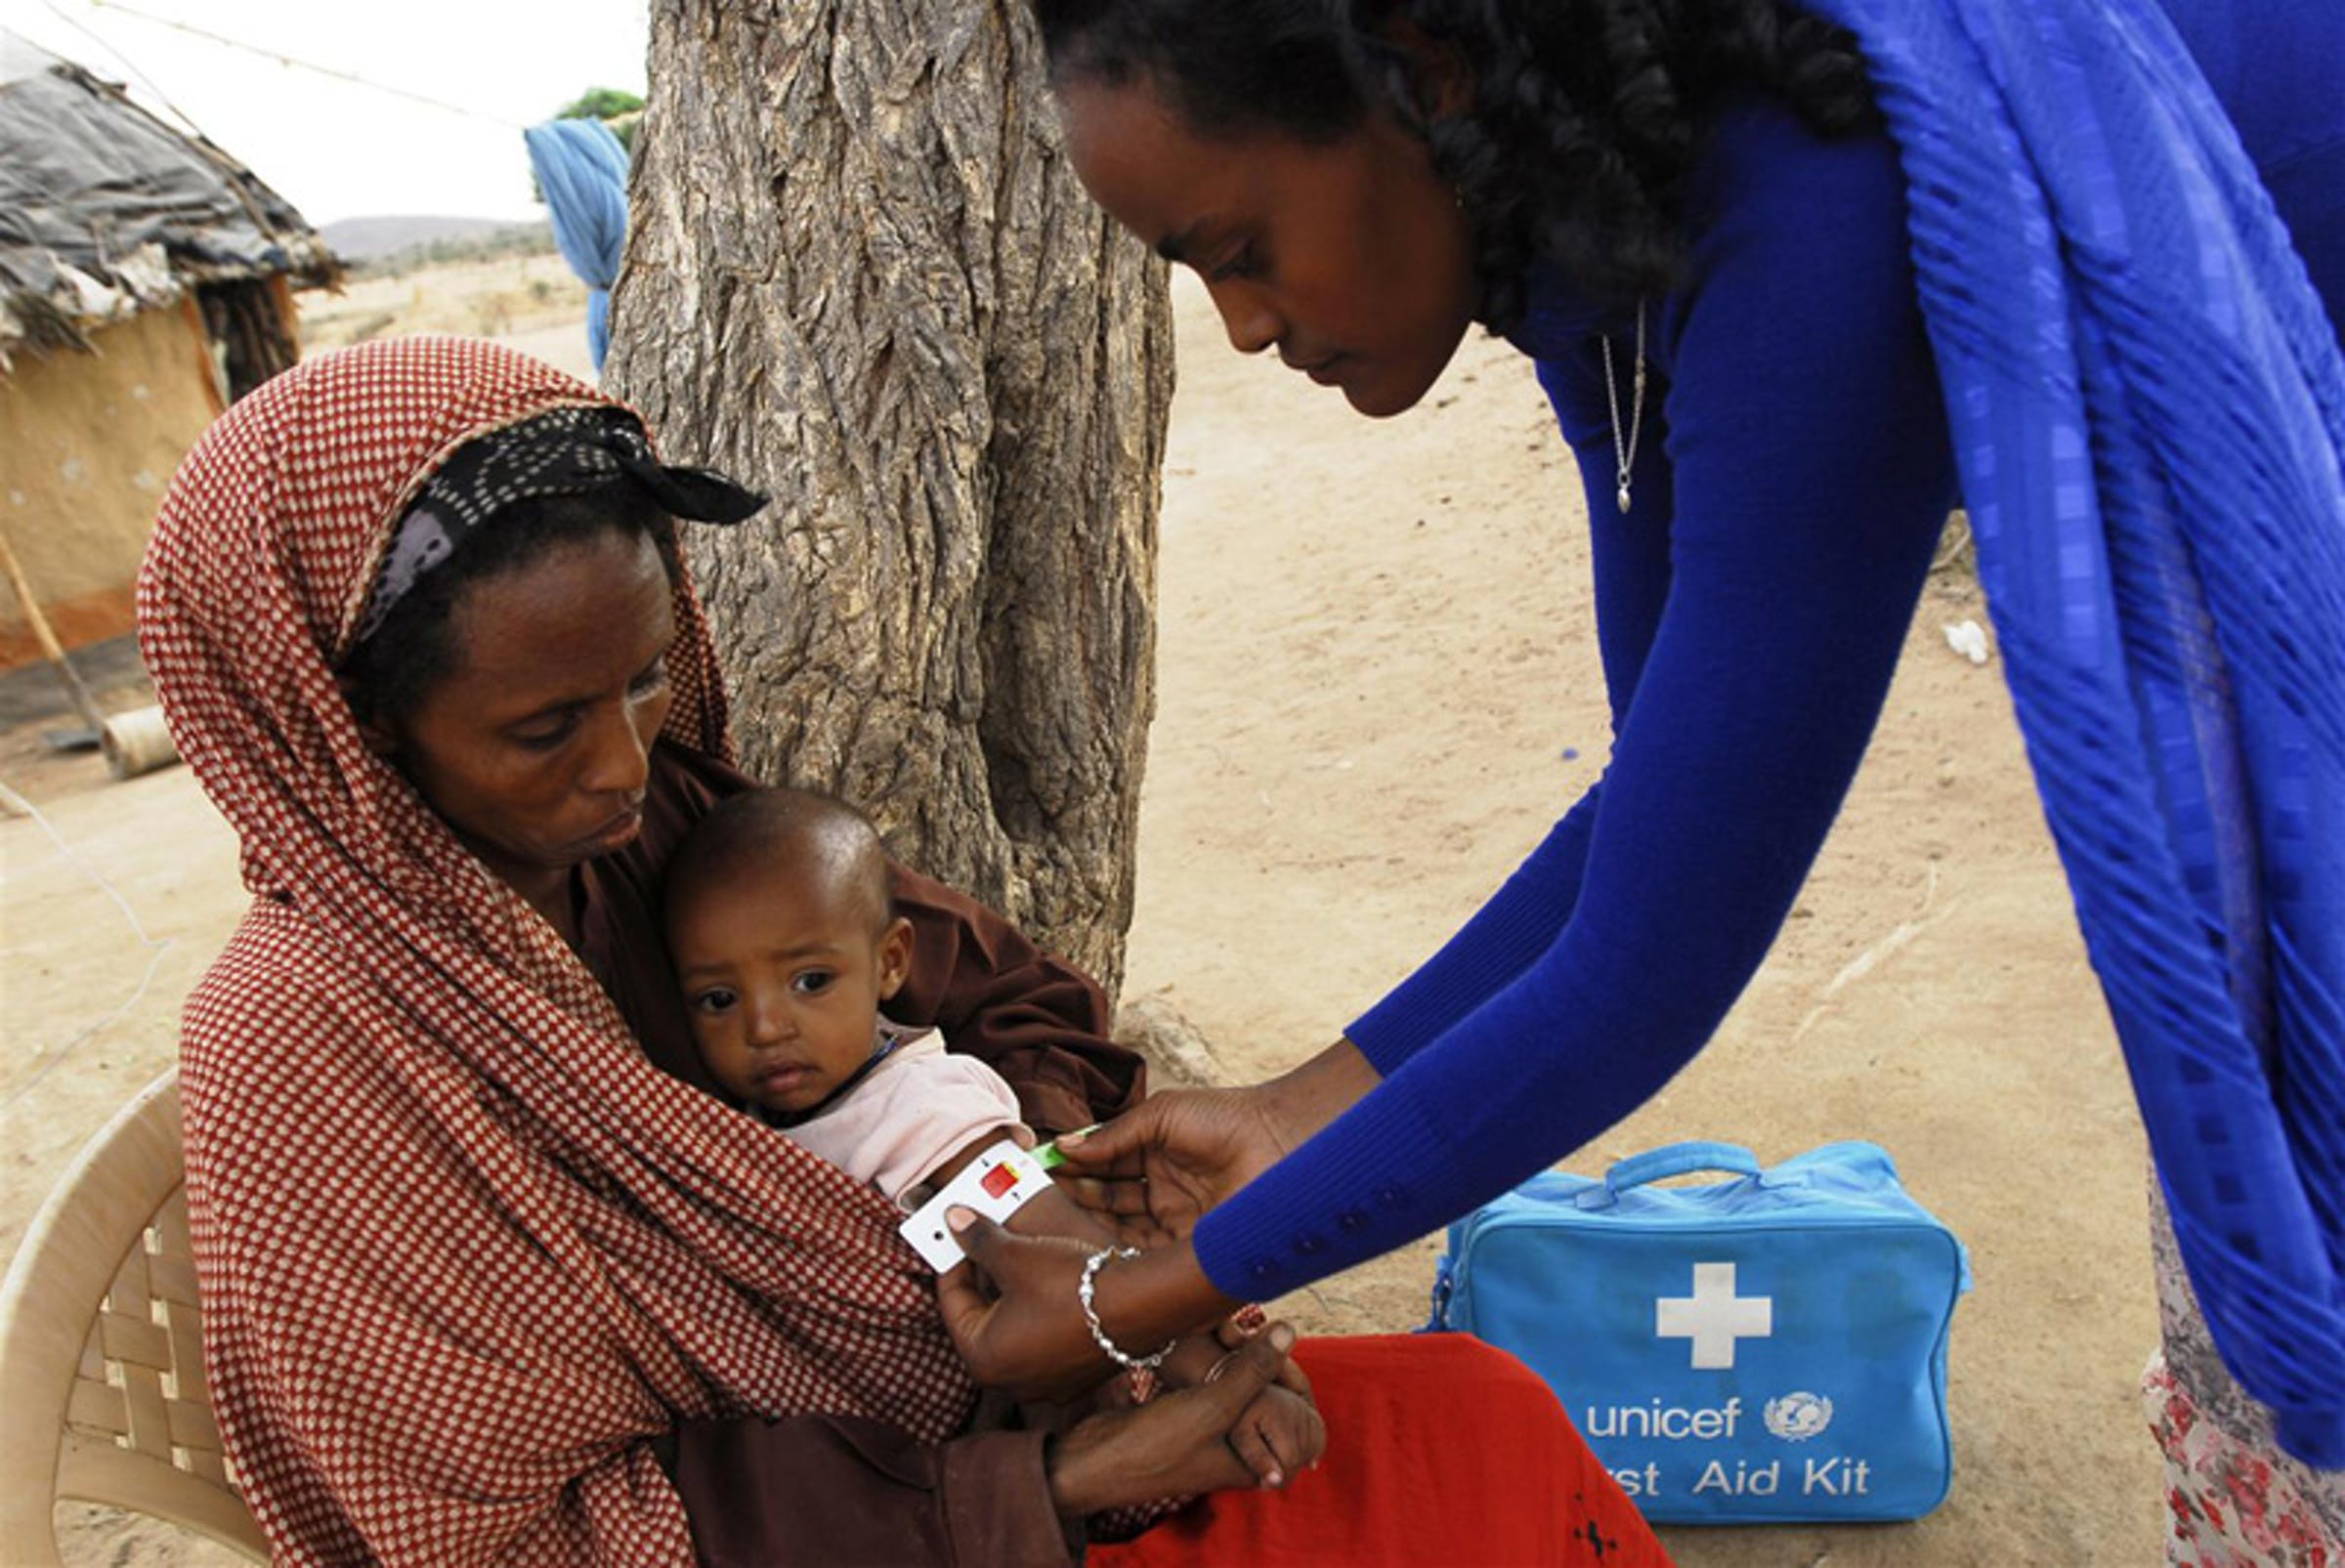 Meleb (Etiopia): un'operatrice UNICEF misura la circonferenza del braccio della piccola Firdoze, affetta da malnutrizione grave acuta - ©UNICEF/NYHQ2011-1329/I.Getachew